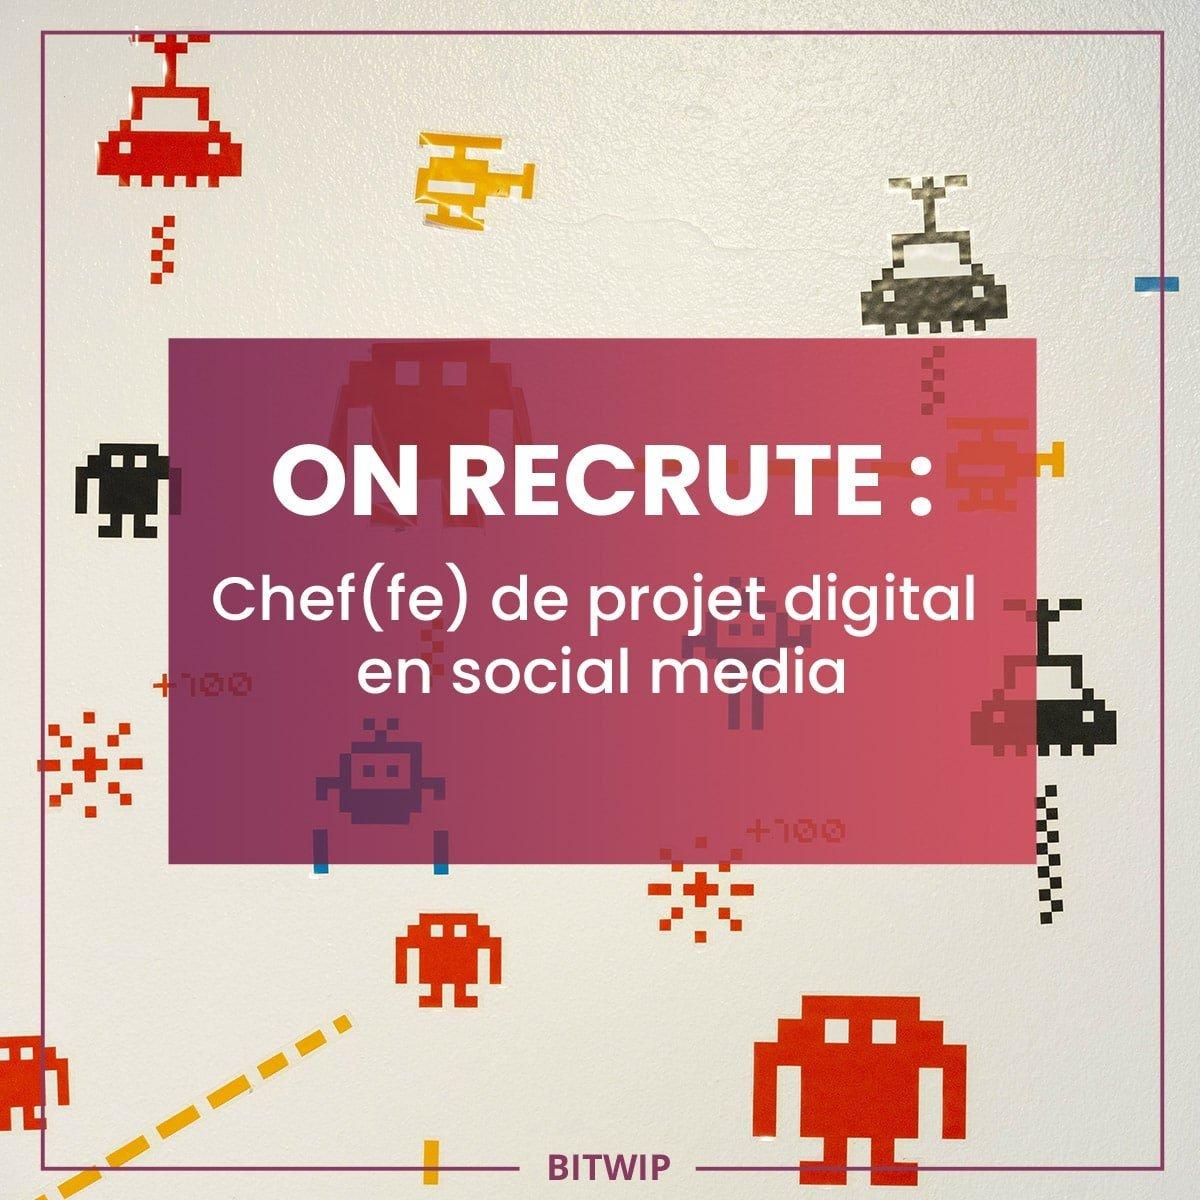 BITWIP - Chef(fe) de projet digital social media - 2020-01